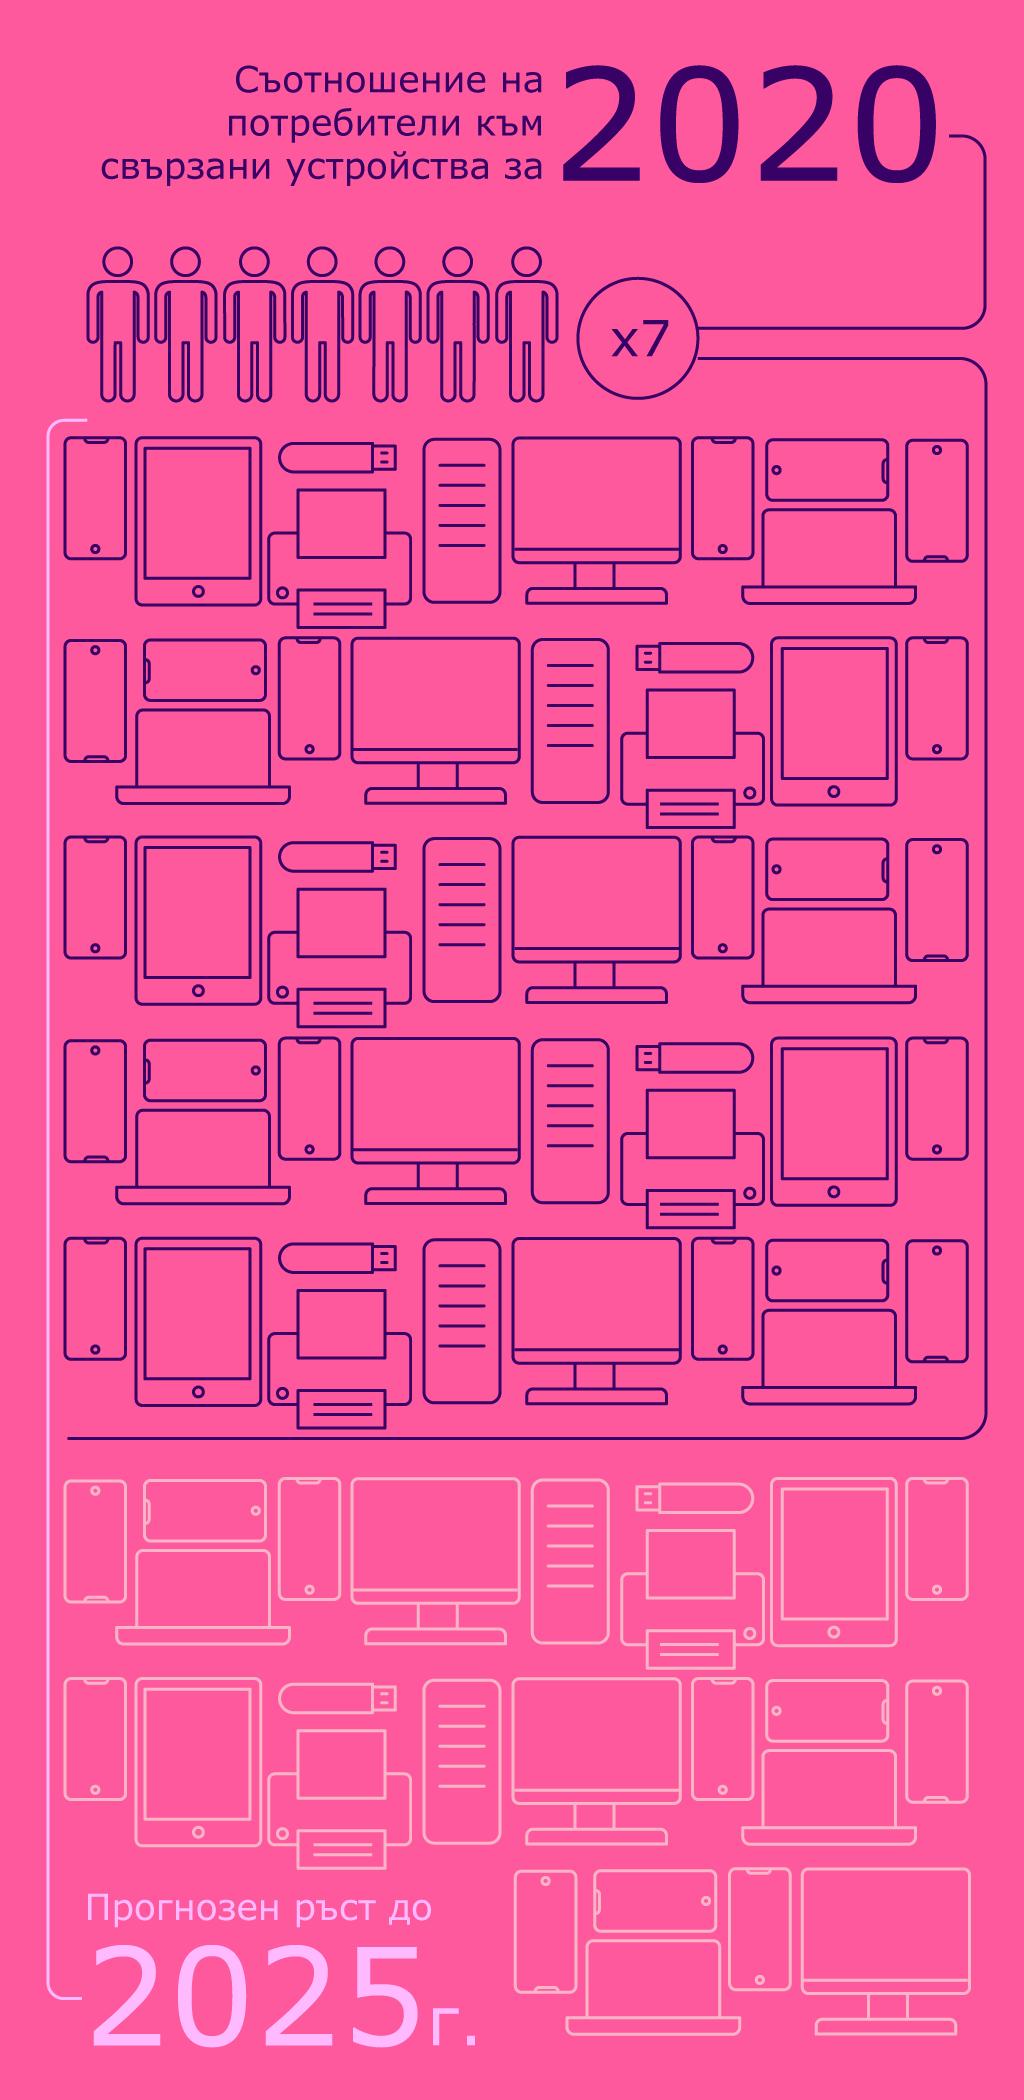 Инфографика за броя на свързаните с интернет устройства